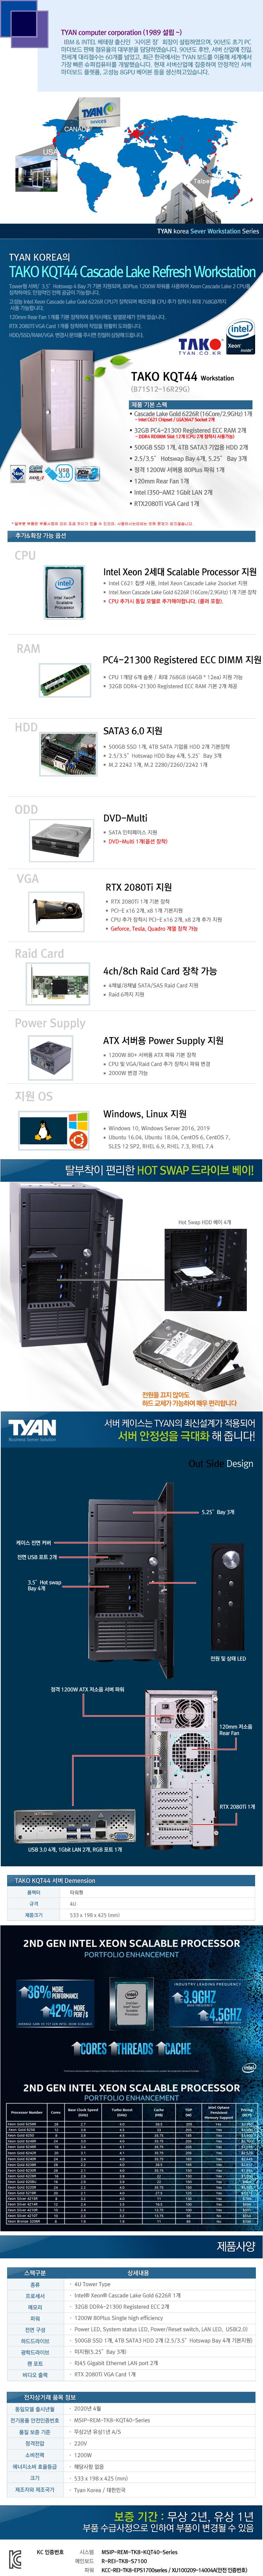 TYAN TAKO-KQT44-(B71S12-16R29G) (64GB, SSD 500GB + 8TB)